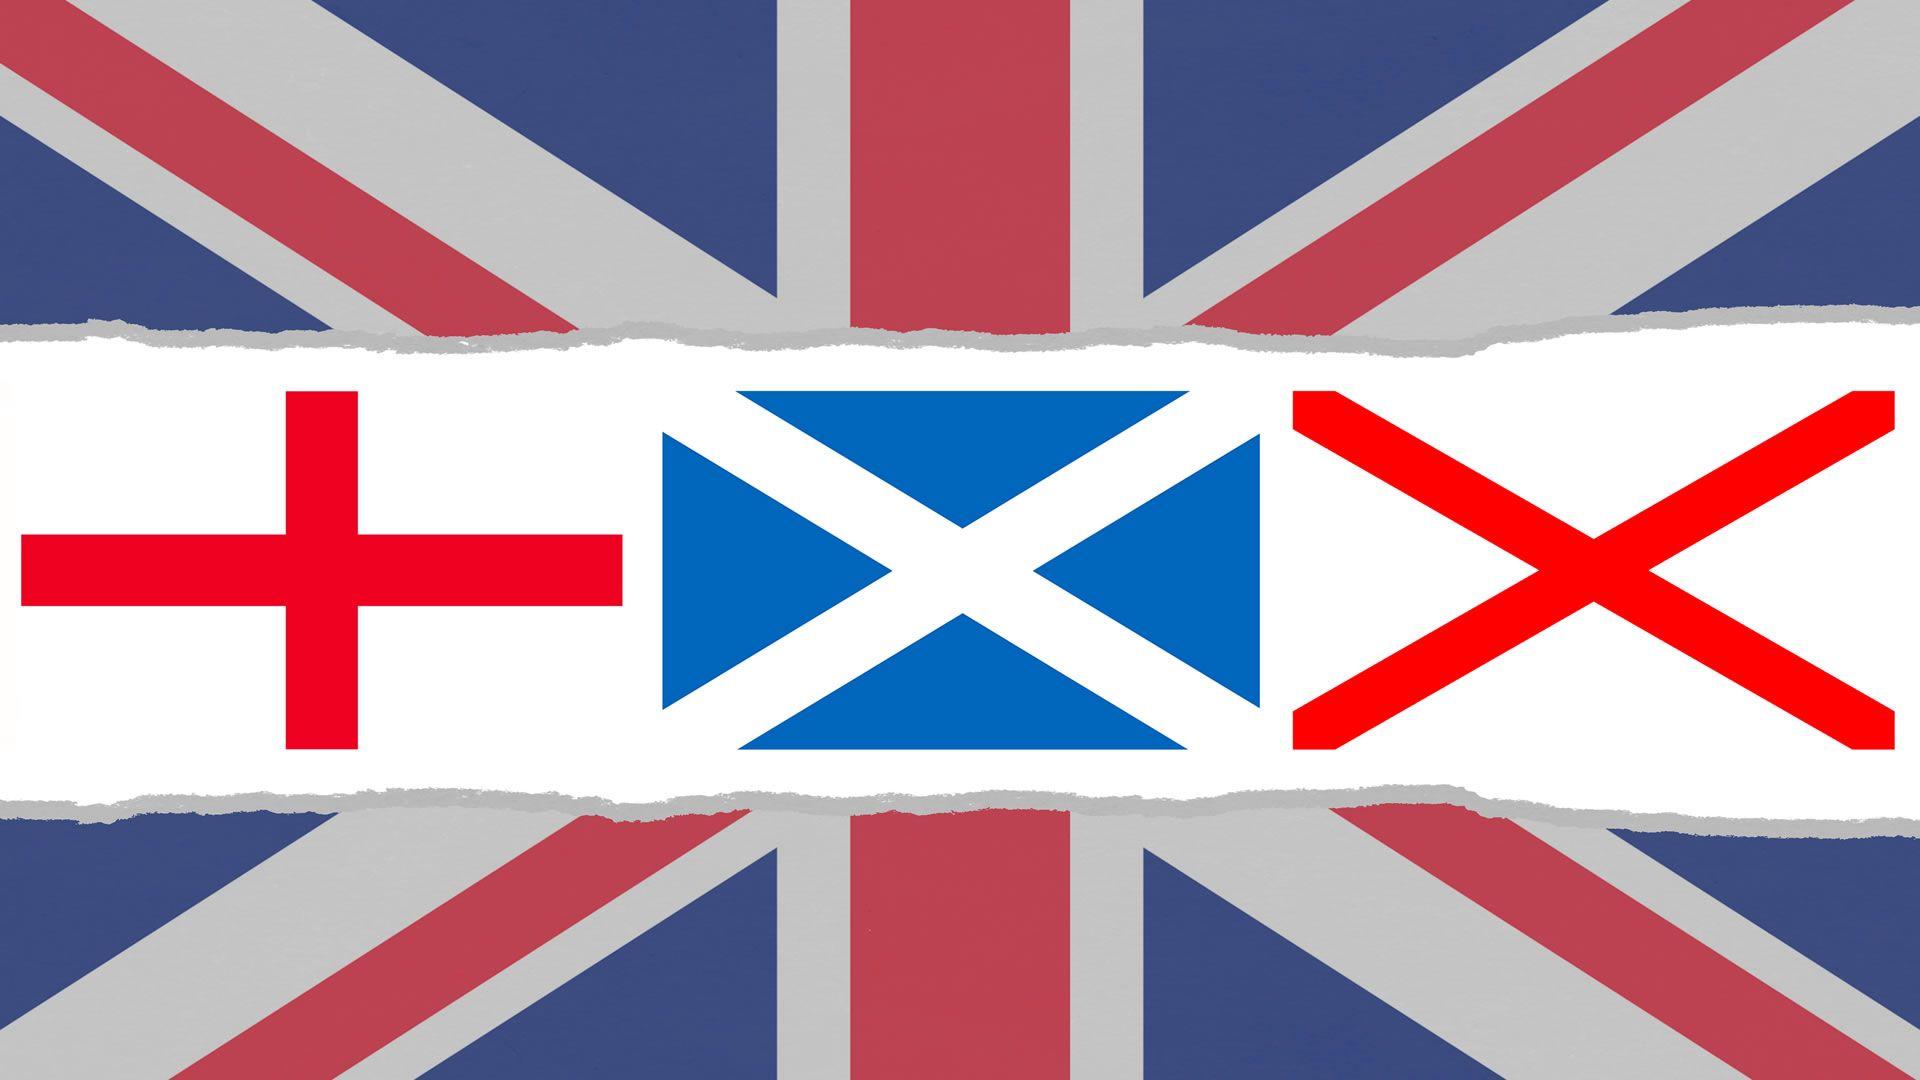 Cruces que componen la Bandera del Reino Unido | Banderas y escudos ...